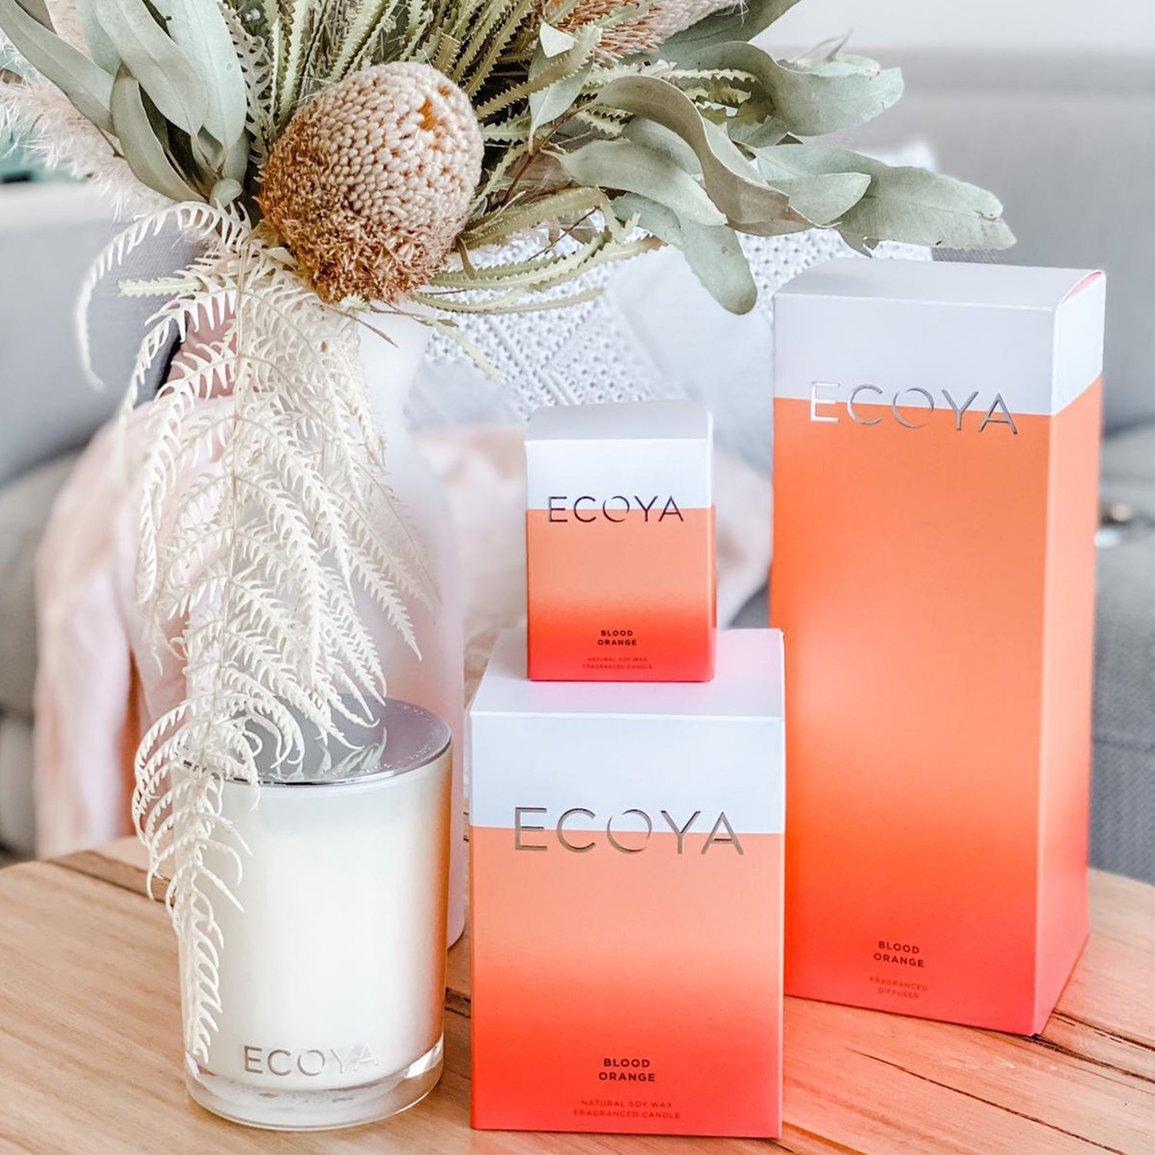 Blood orange ecoya range 1600x